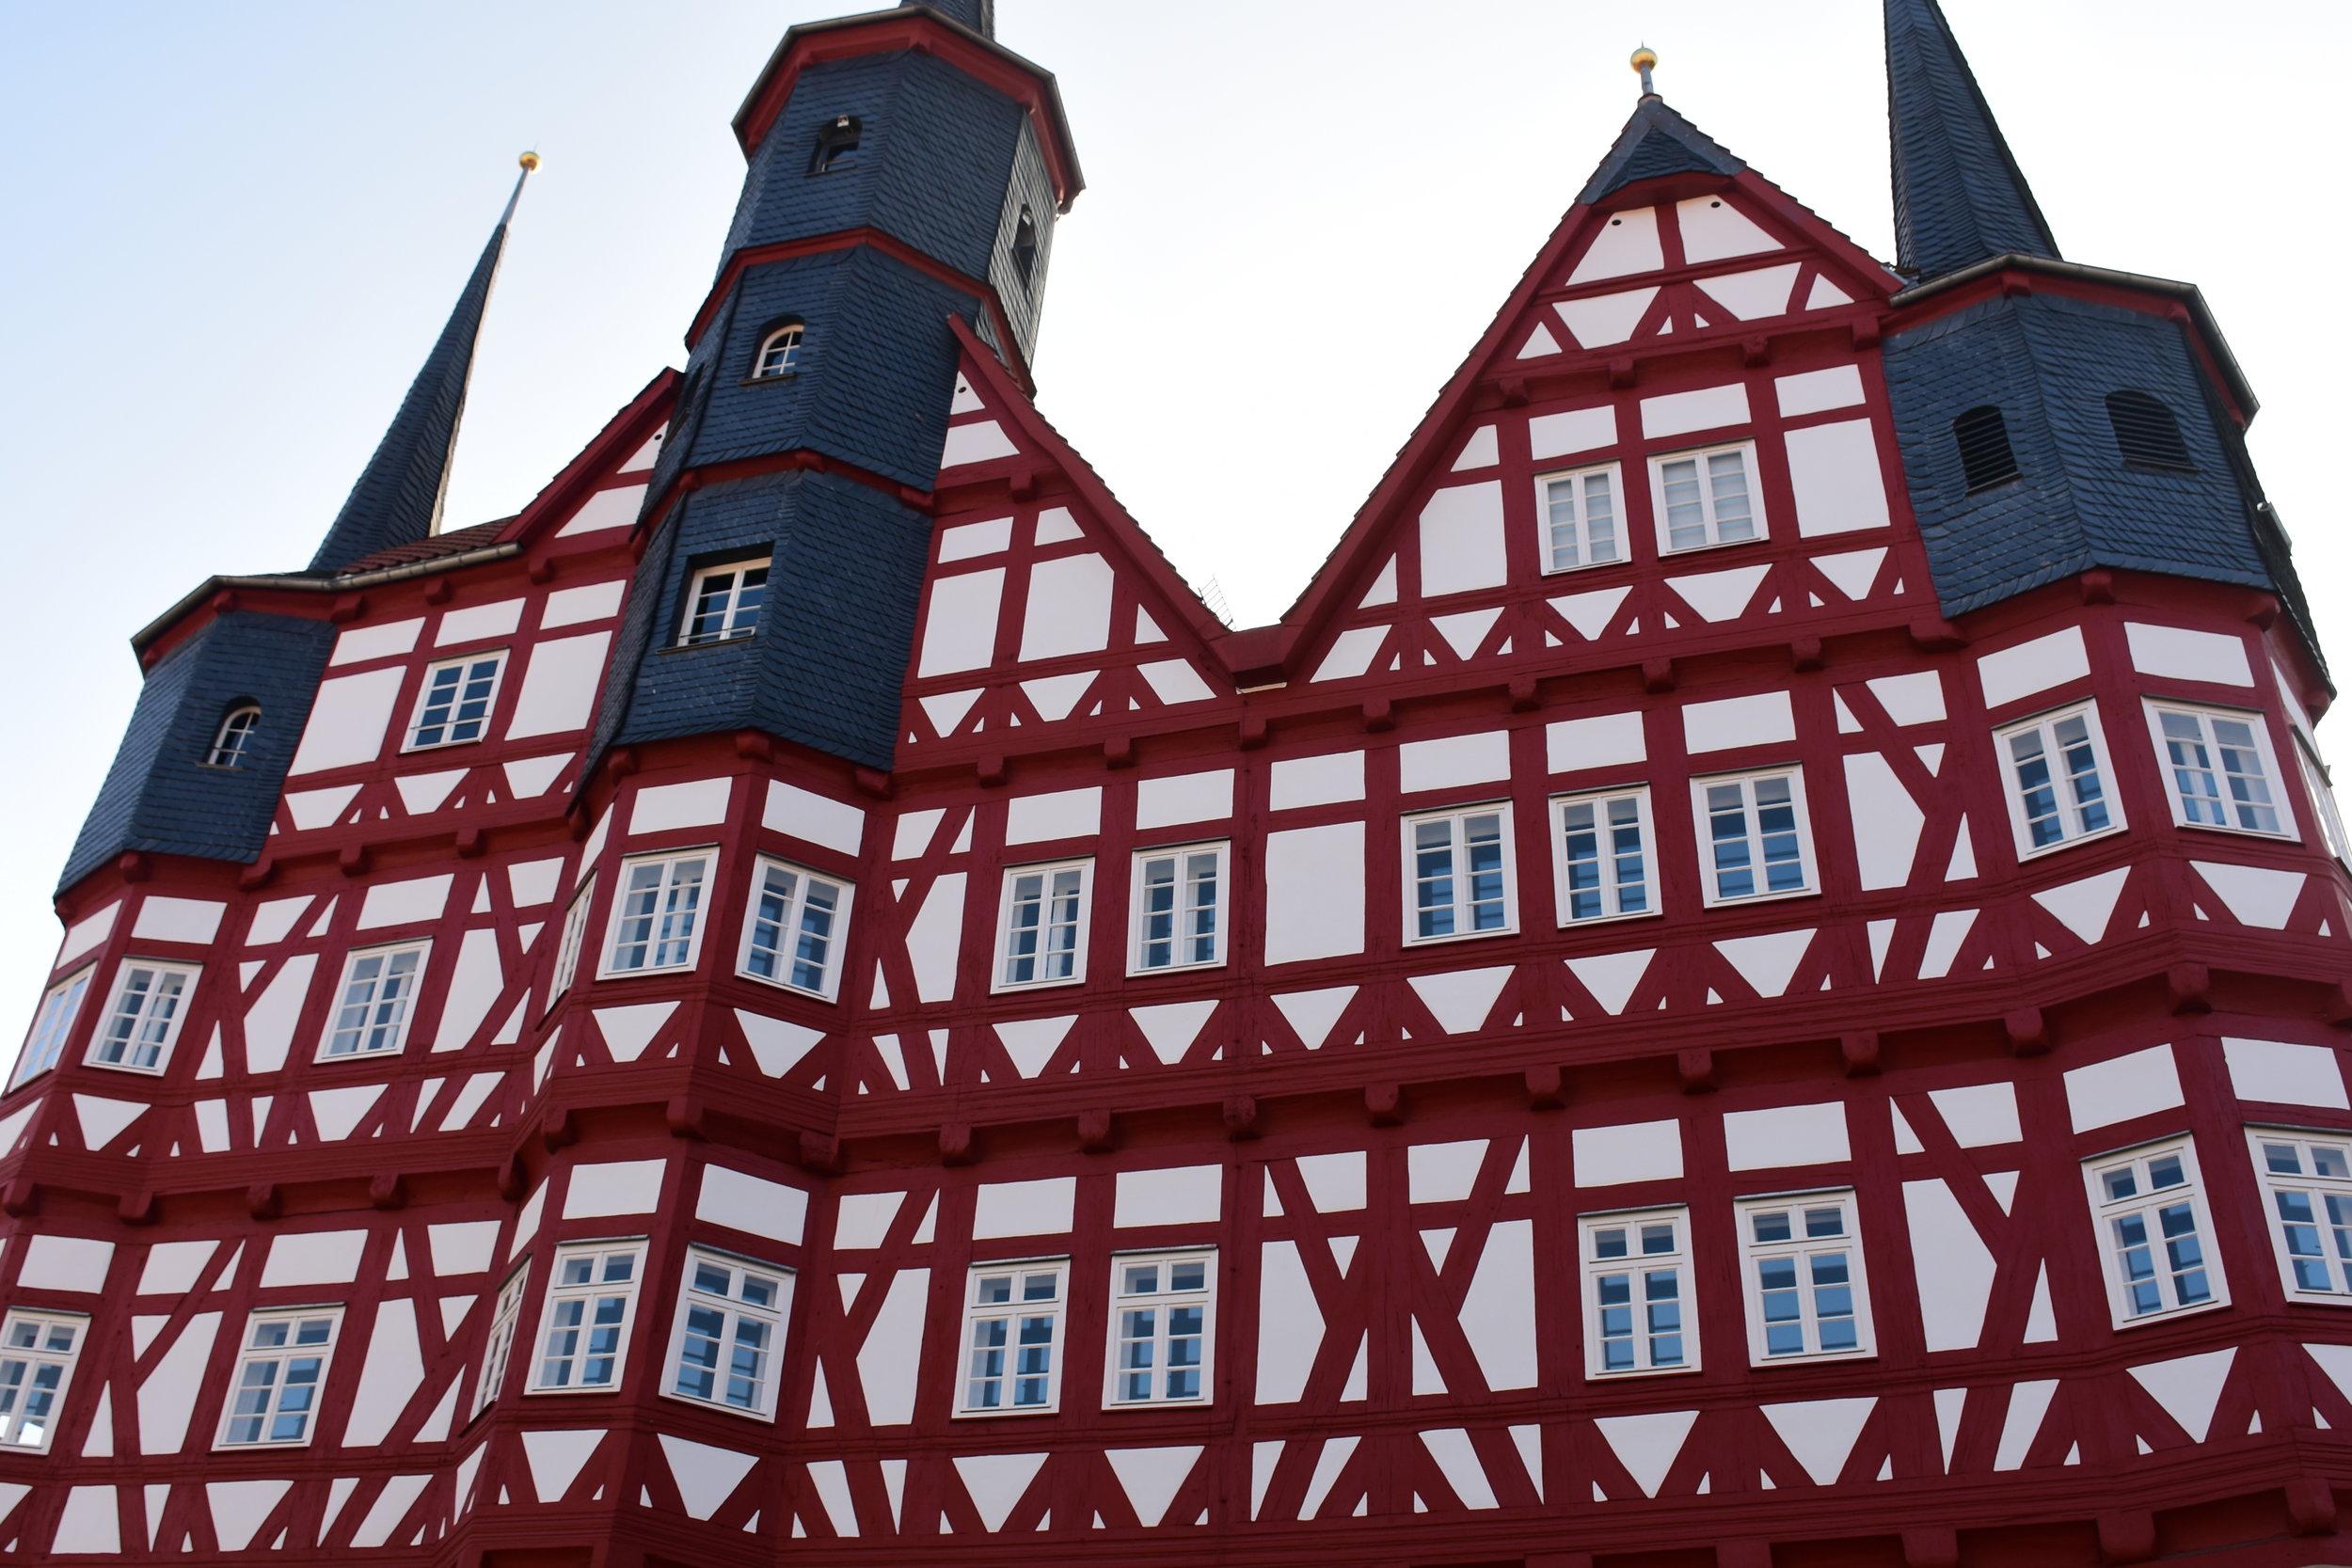 Duderstadt, Germany 2015